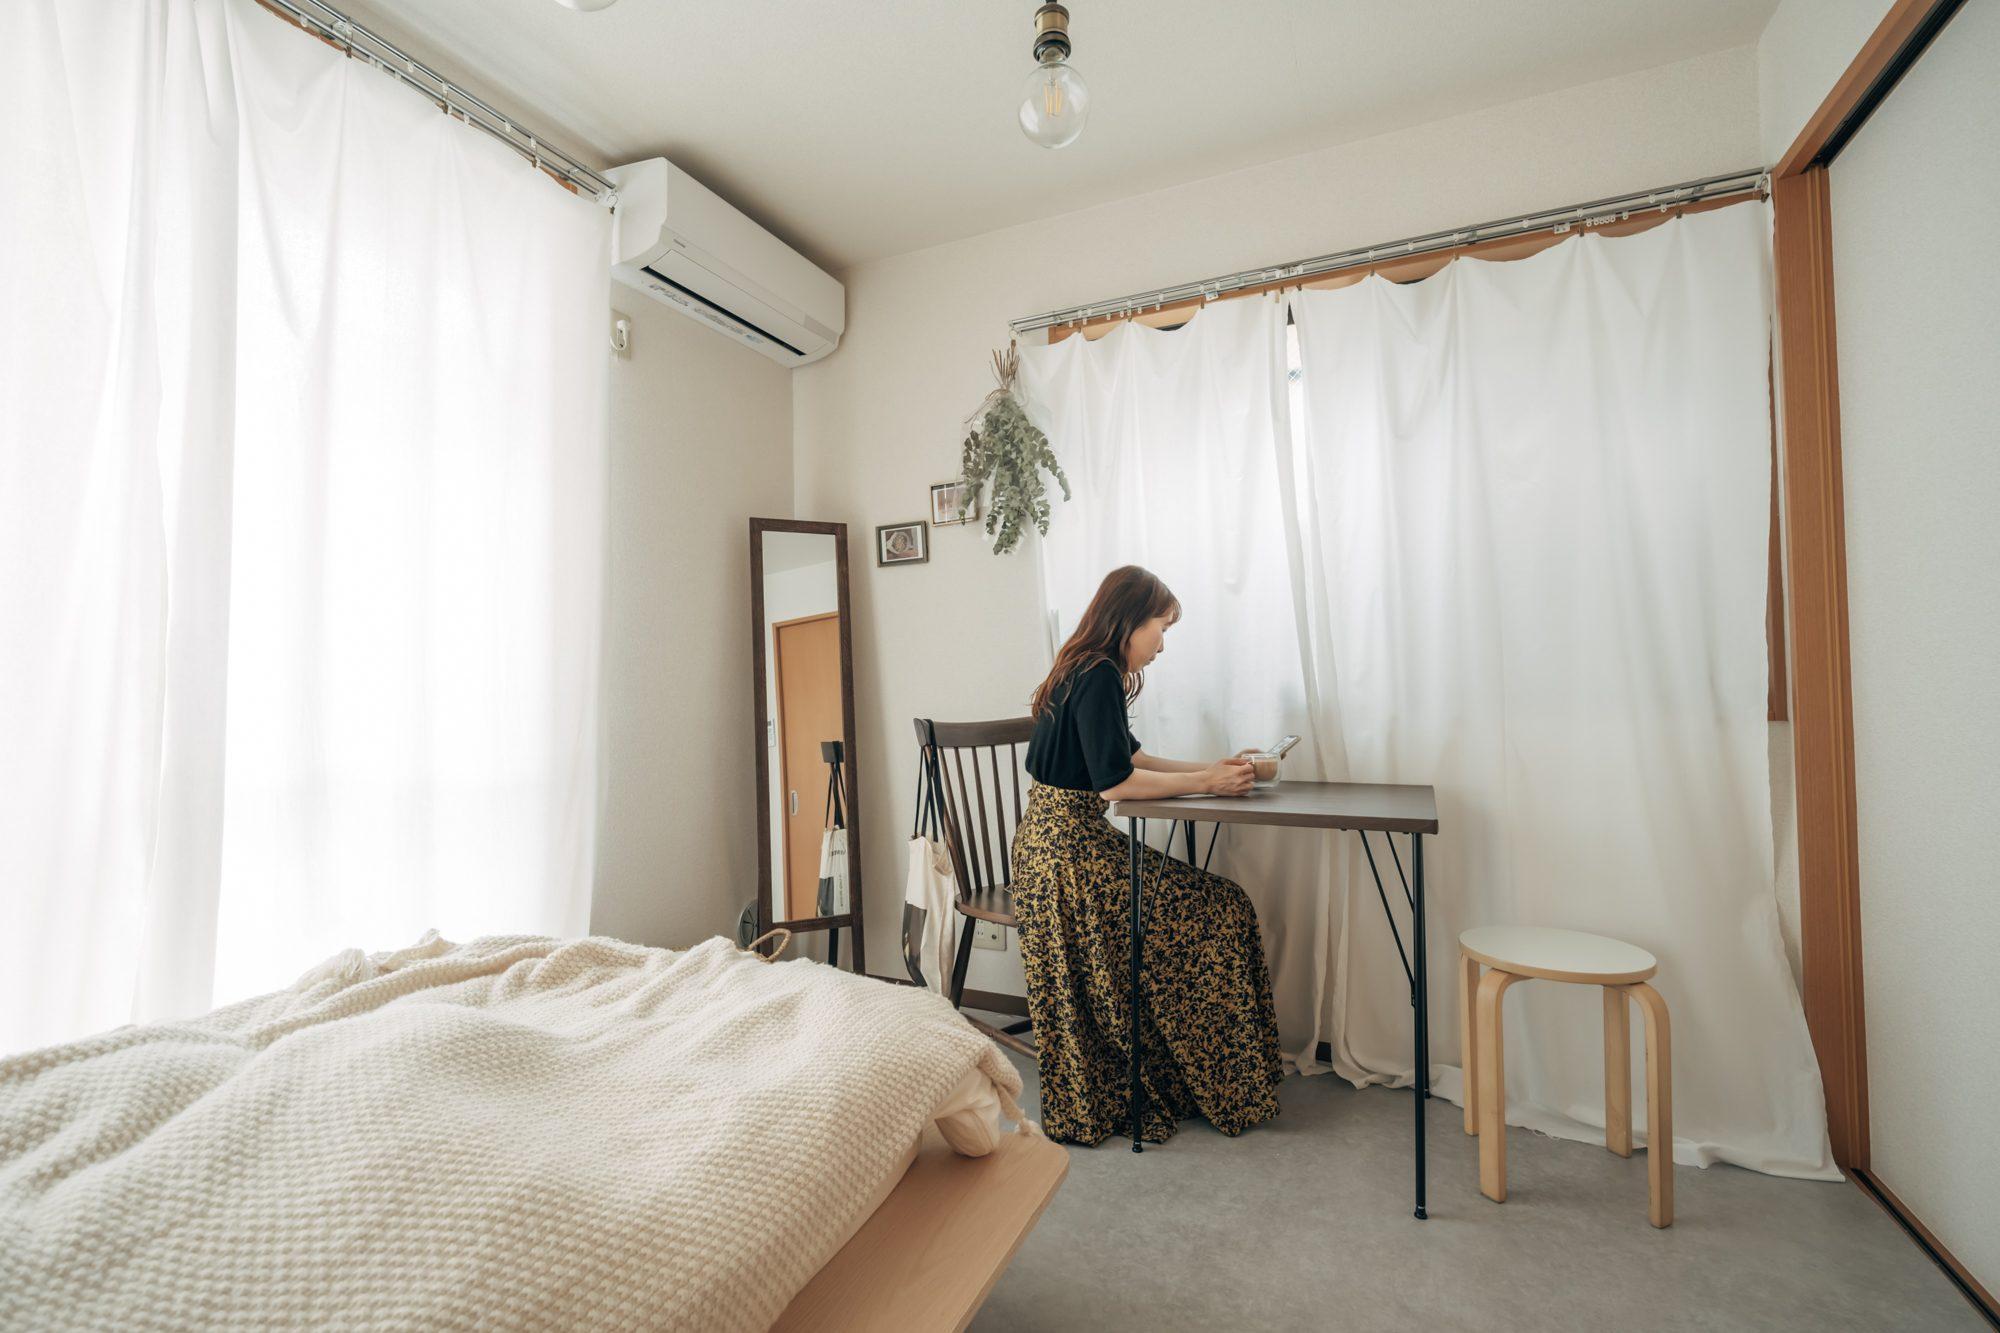 「特にリビング、寝室スペースはお気に入りのカフェをイメージして作ったお気に入りの空間です。 モルタルの床にアンティークのような家具があるカフェで、その雰囲気がとても好きだったのでお部屋に活かせるようにしました。」